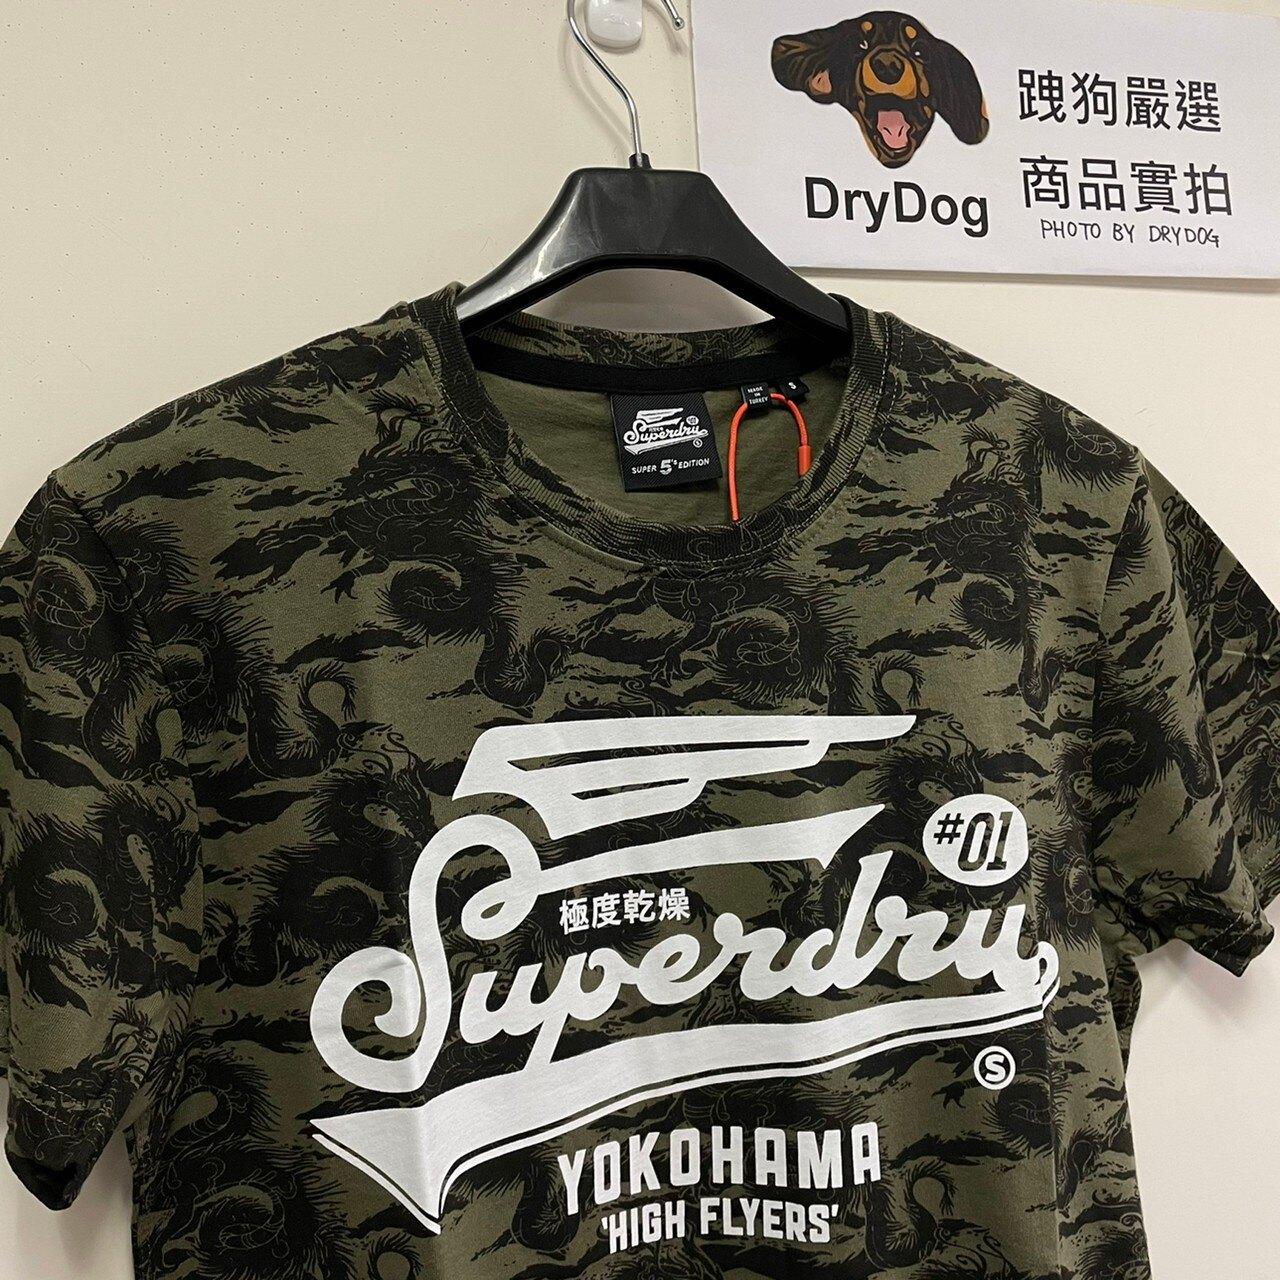 跩狗嚴選 極度乾燥 Superdry HF 日本 龍 黑龍滿版印花 軍綠 重磅純棉 圓領 短袖 T恤 迷彩 T28 飛龍在天